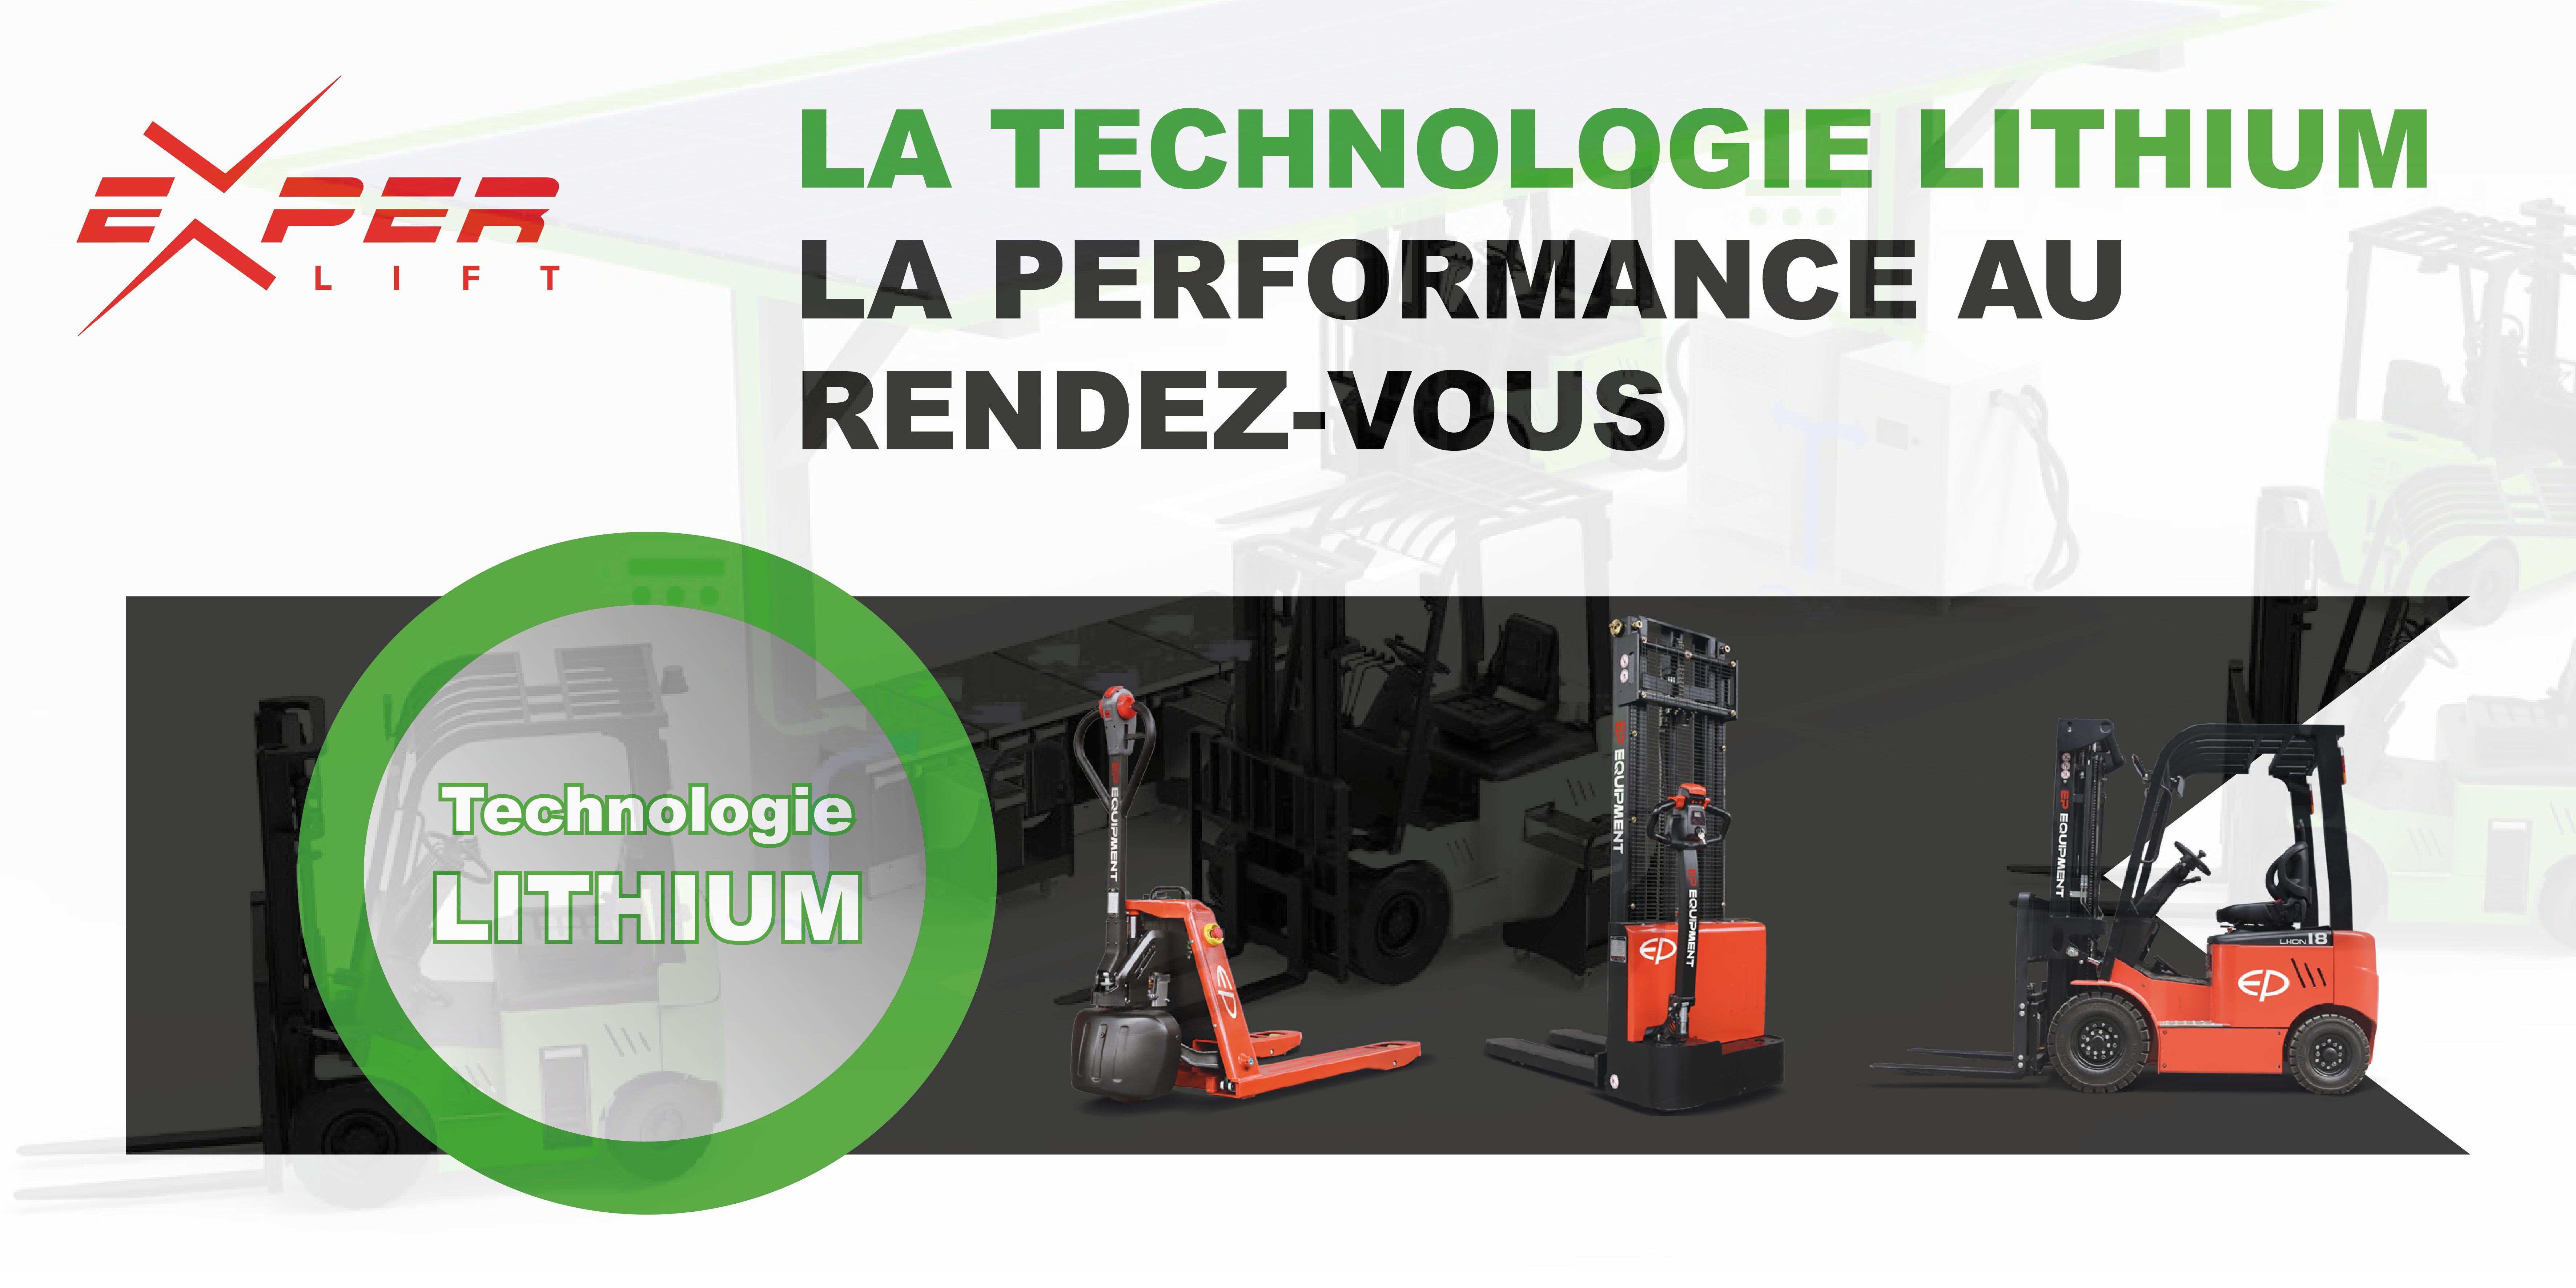 La technologie Lithium : la performance au rendez-vous